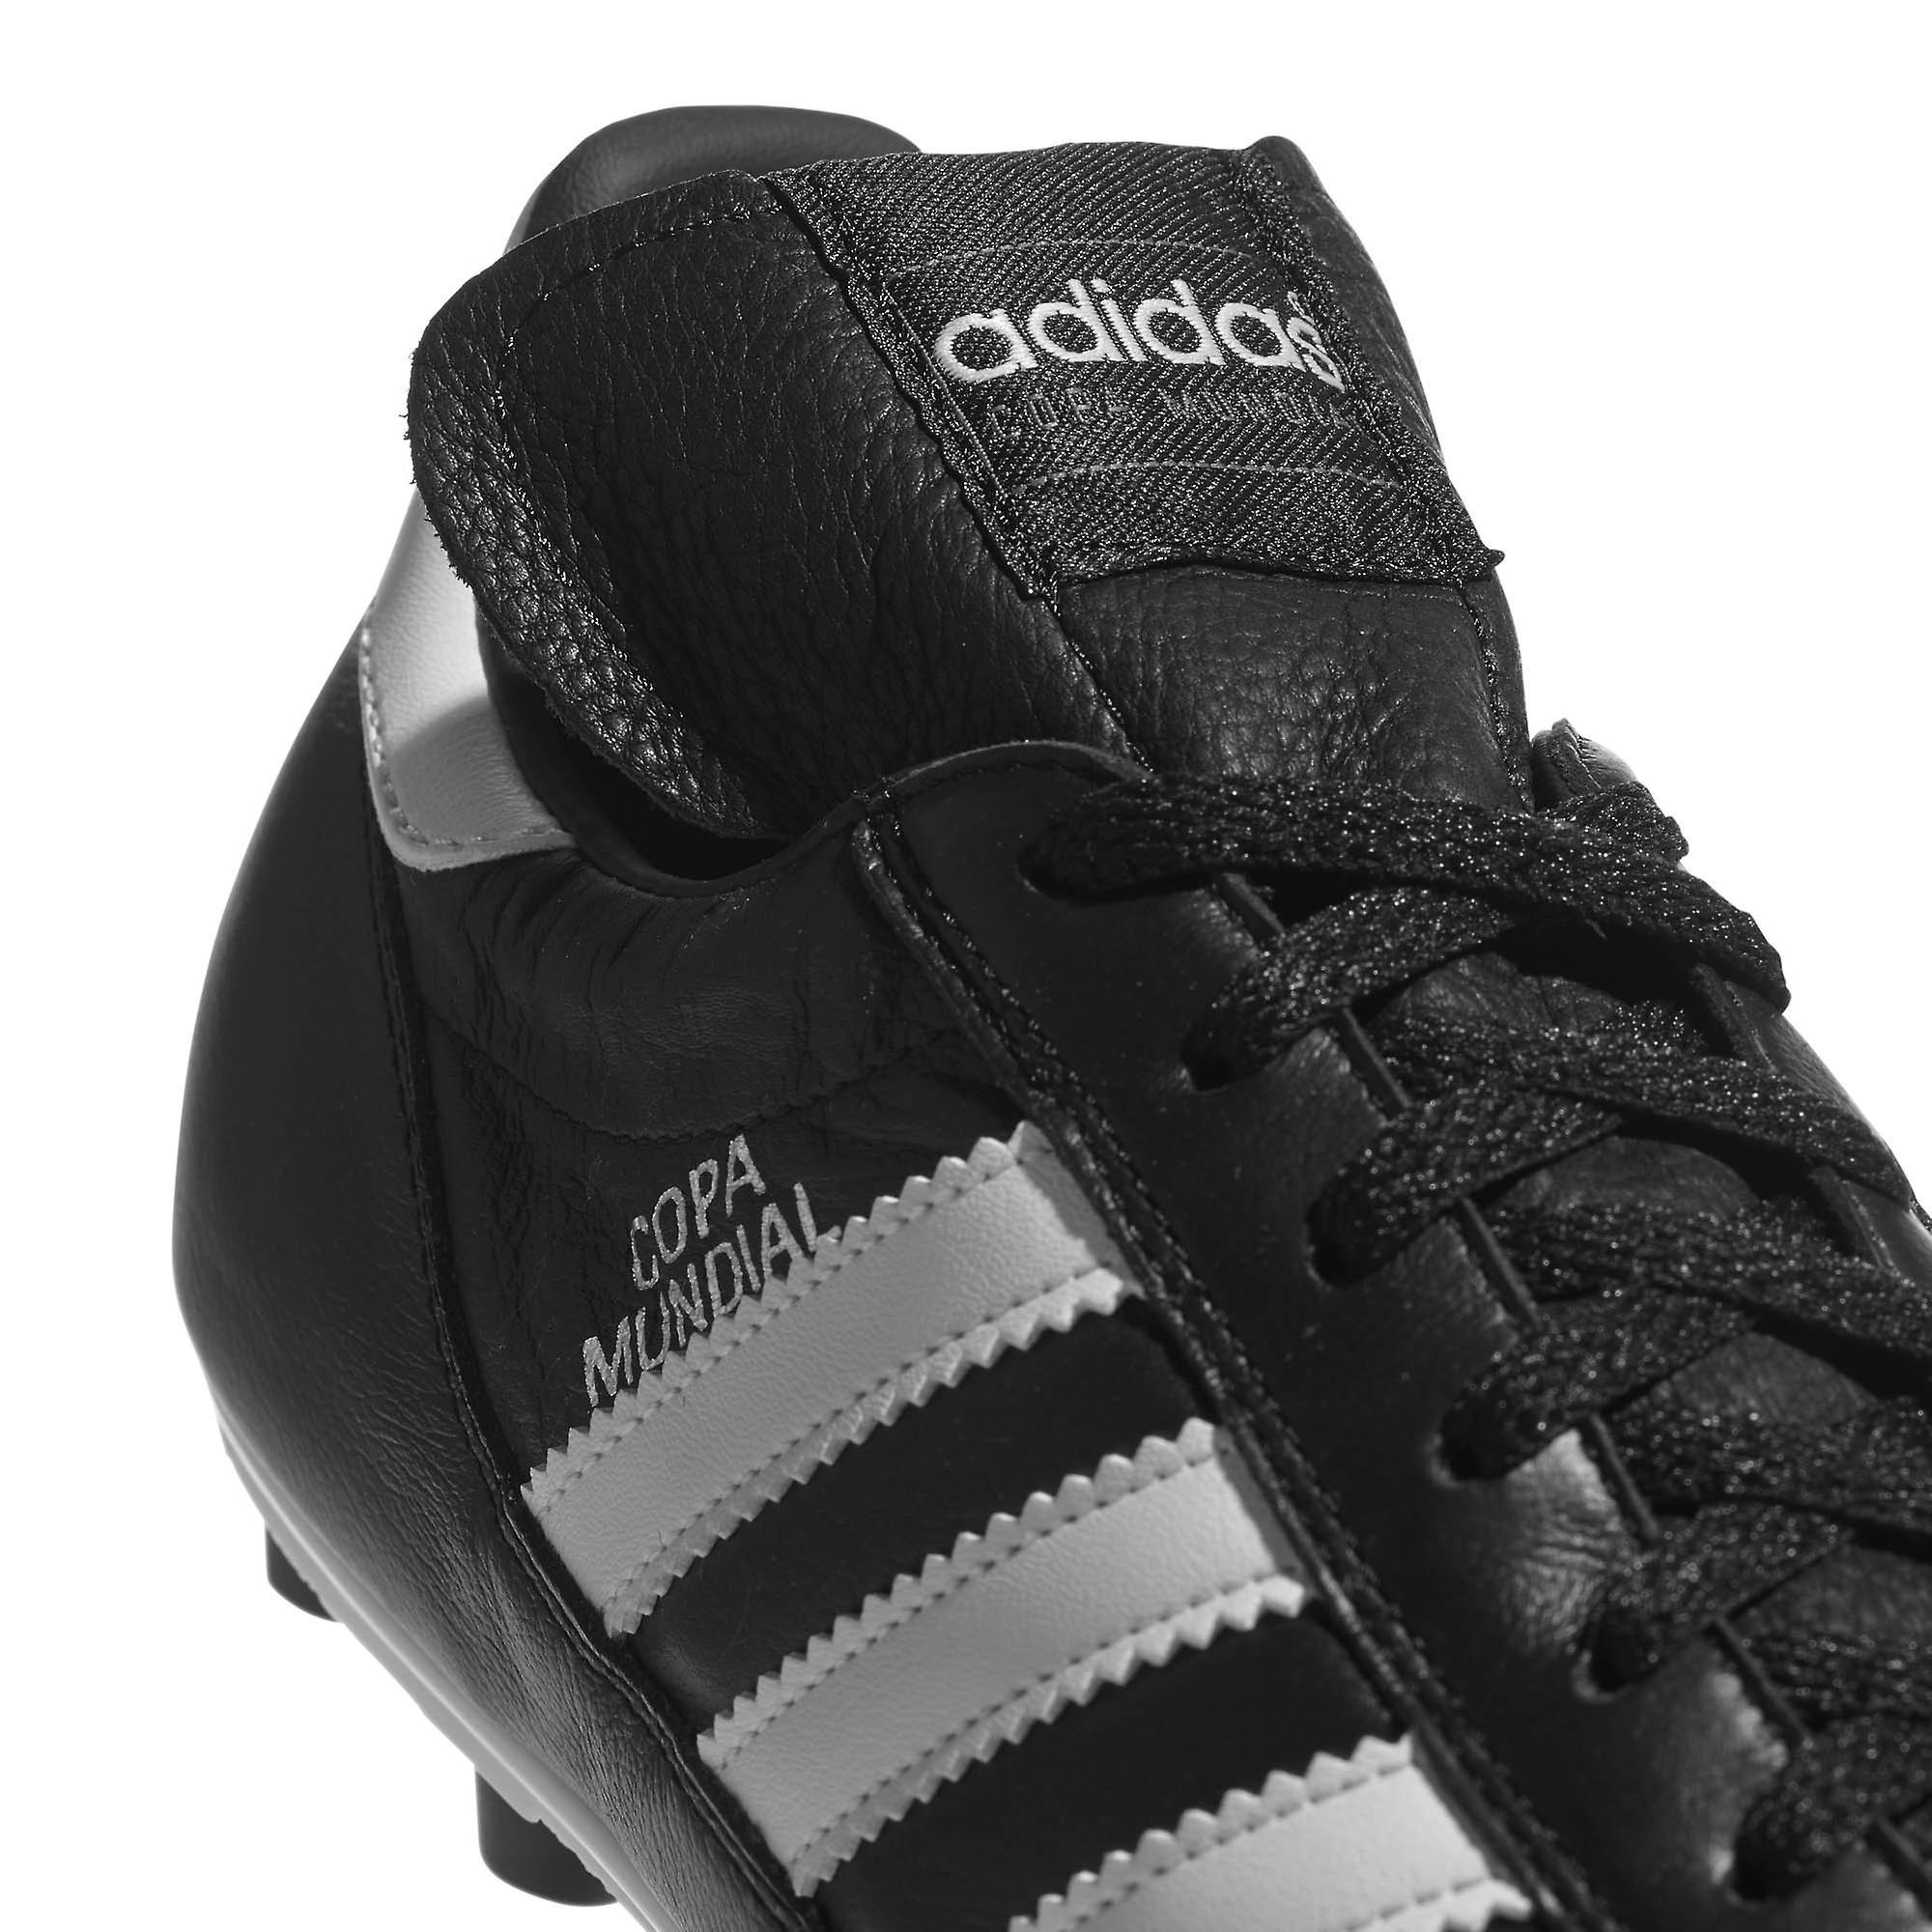 Adidas Copa Mundial FG Firm Ground Männer Fußballschuh schwarz weiß